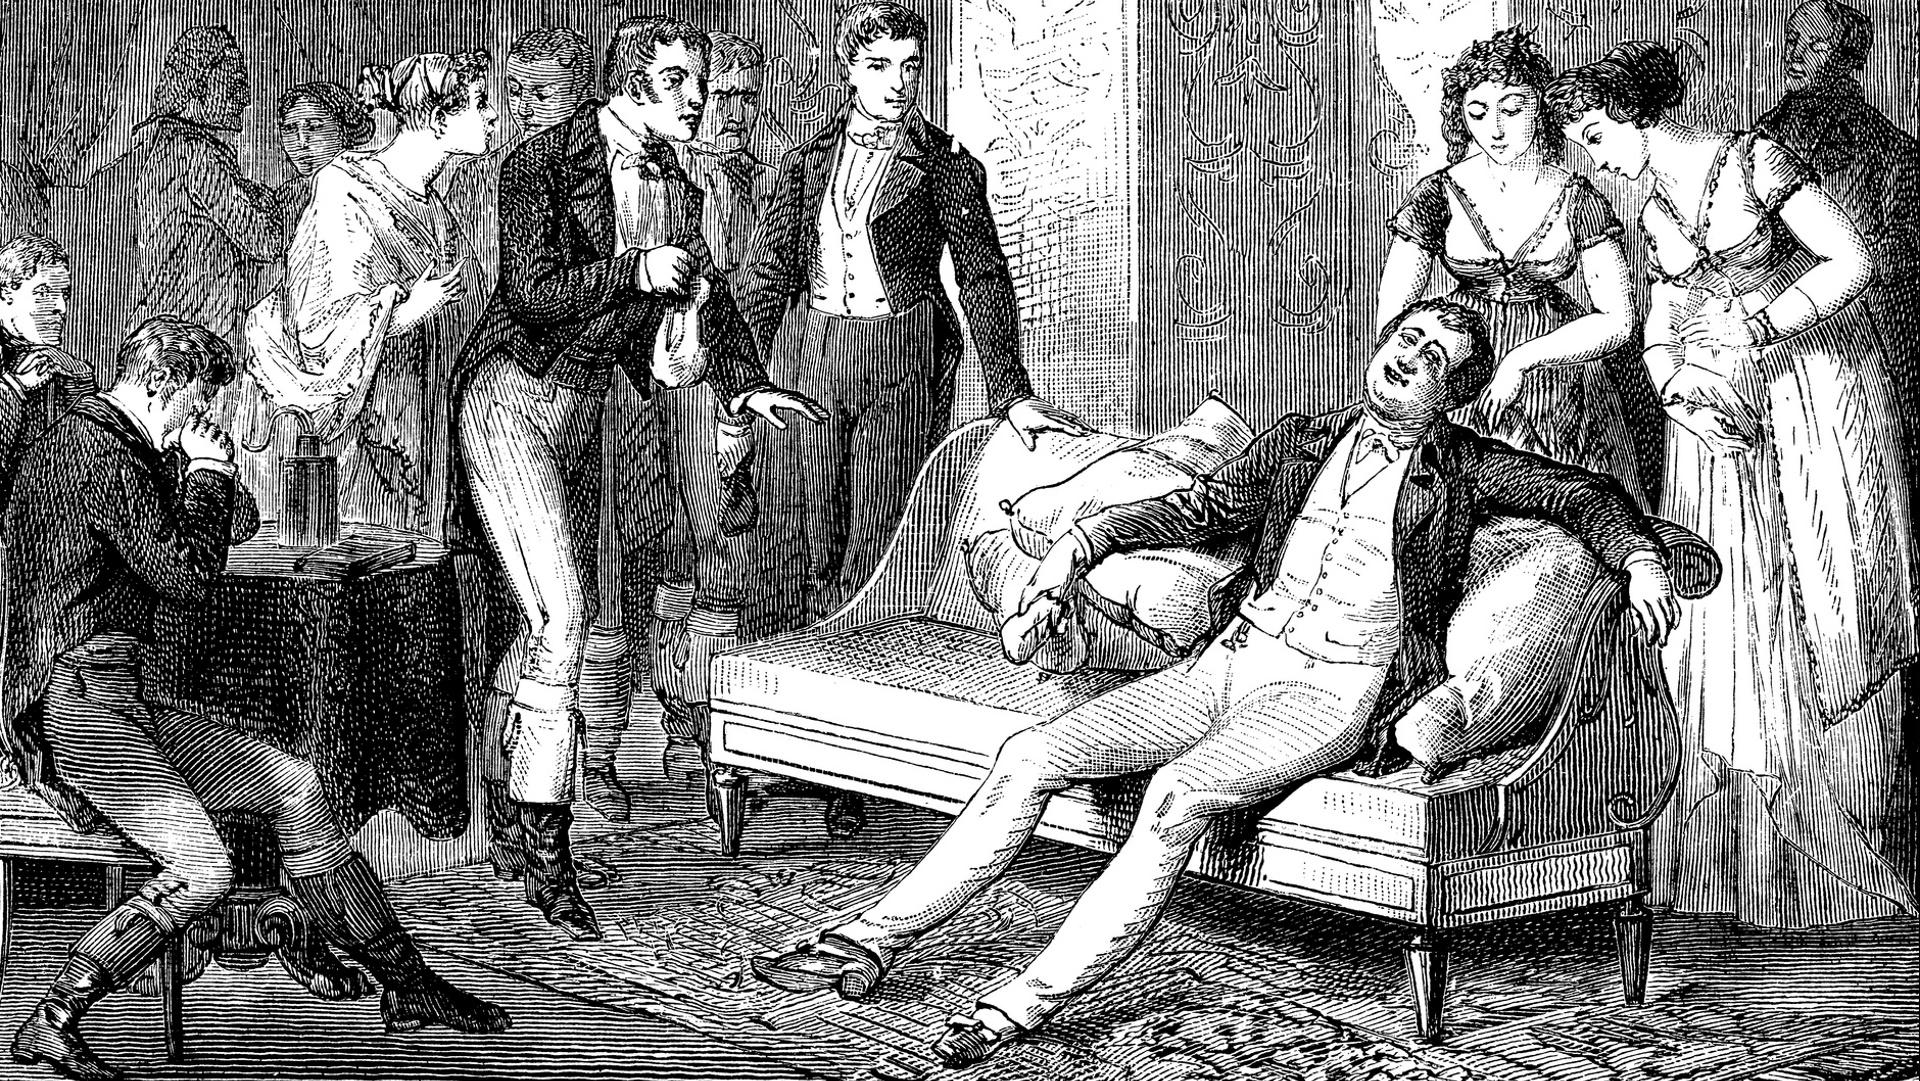 <p><strong>Забава с райски газ</strong></p>  <p>Между 1795 и 1798 г.британският химик сър Хъмфри Дейви провел експерименти с райски газ. И понеже изпробвал въздействието му върху себе си, открил не само болкоуспокояващото, но и опияняващото действие на този газ, който днес се използва като упойка.</p>